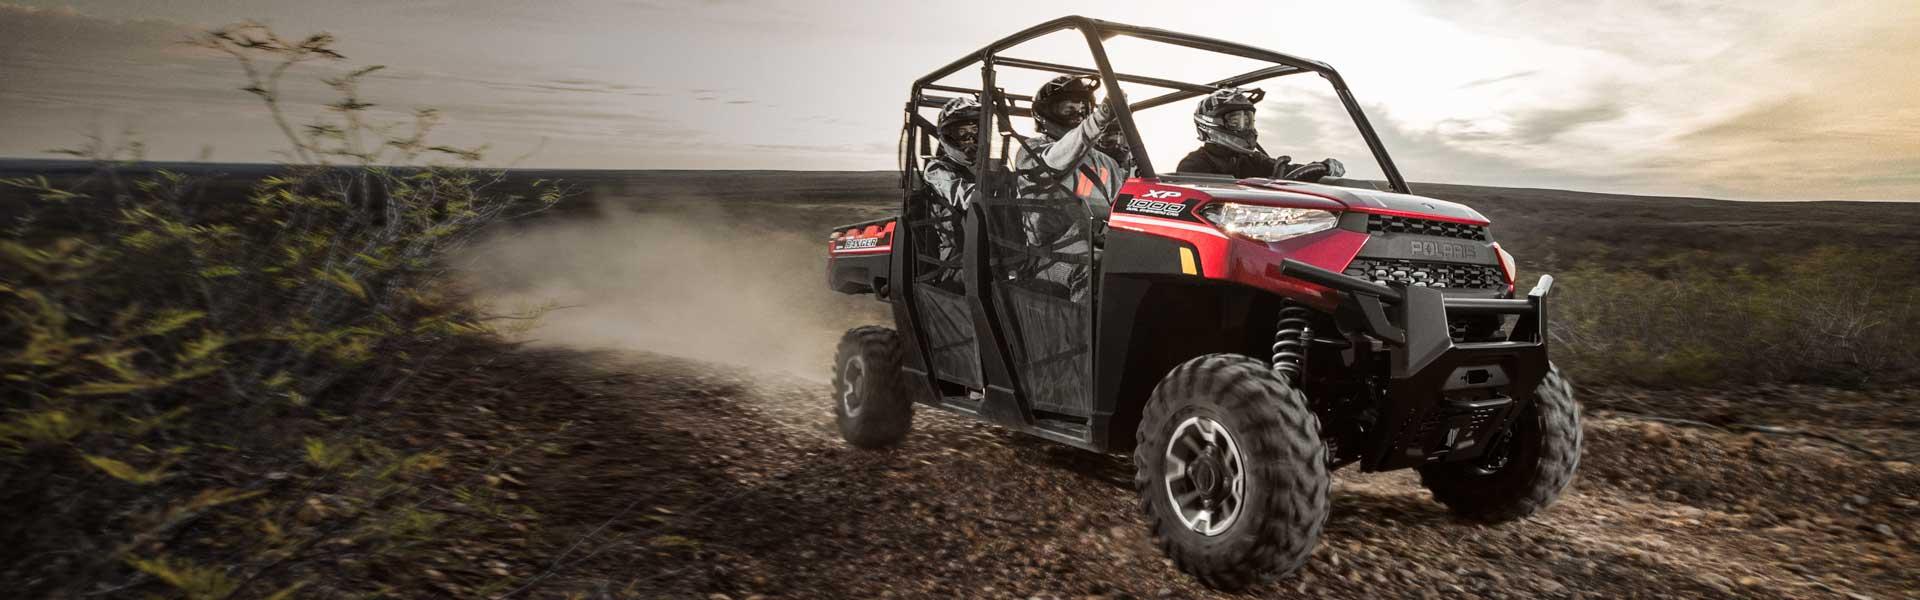 Polaris Australia:Ranger Crew® XP 1000 EPS